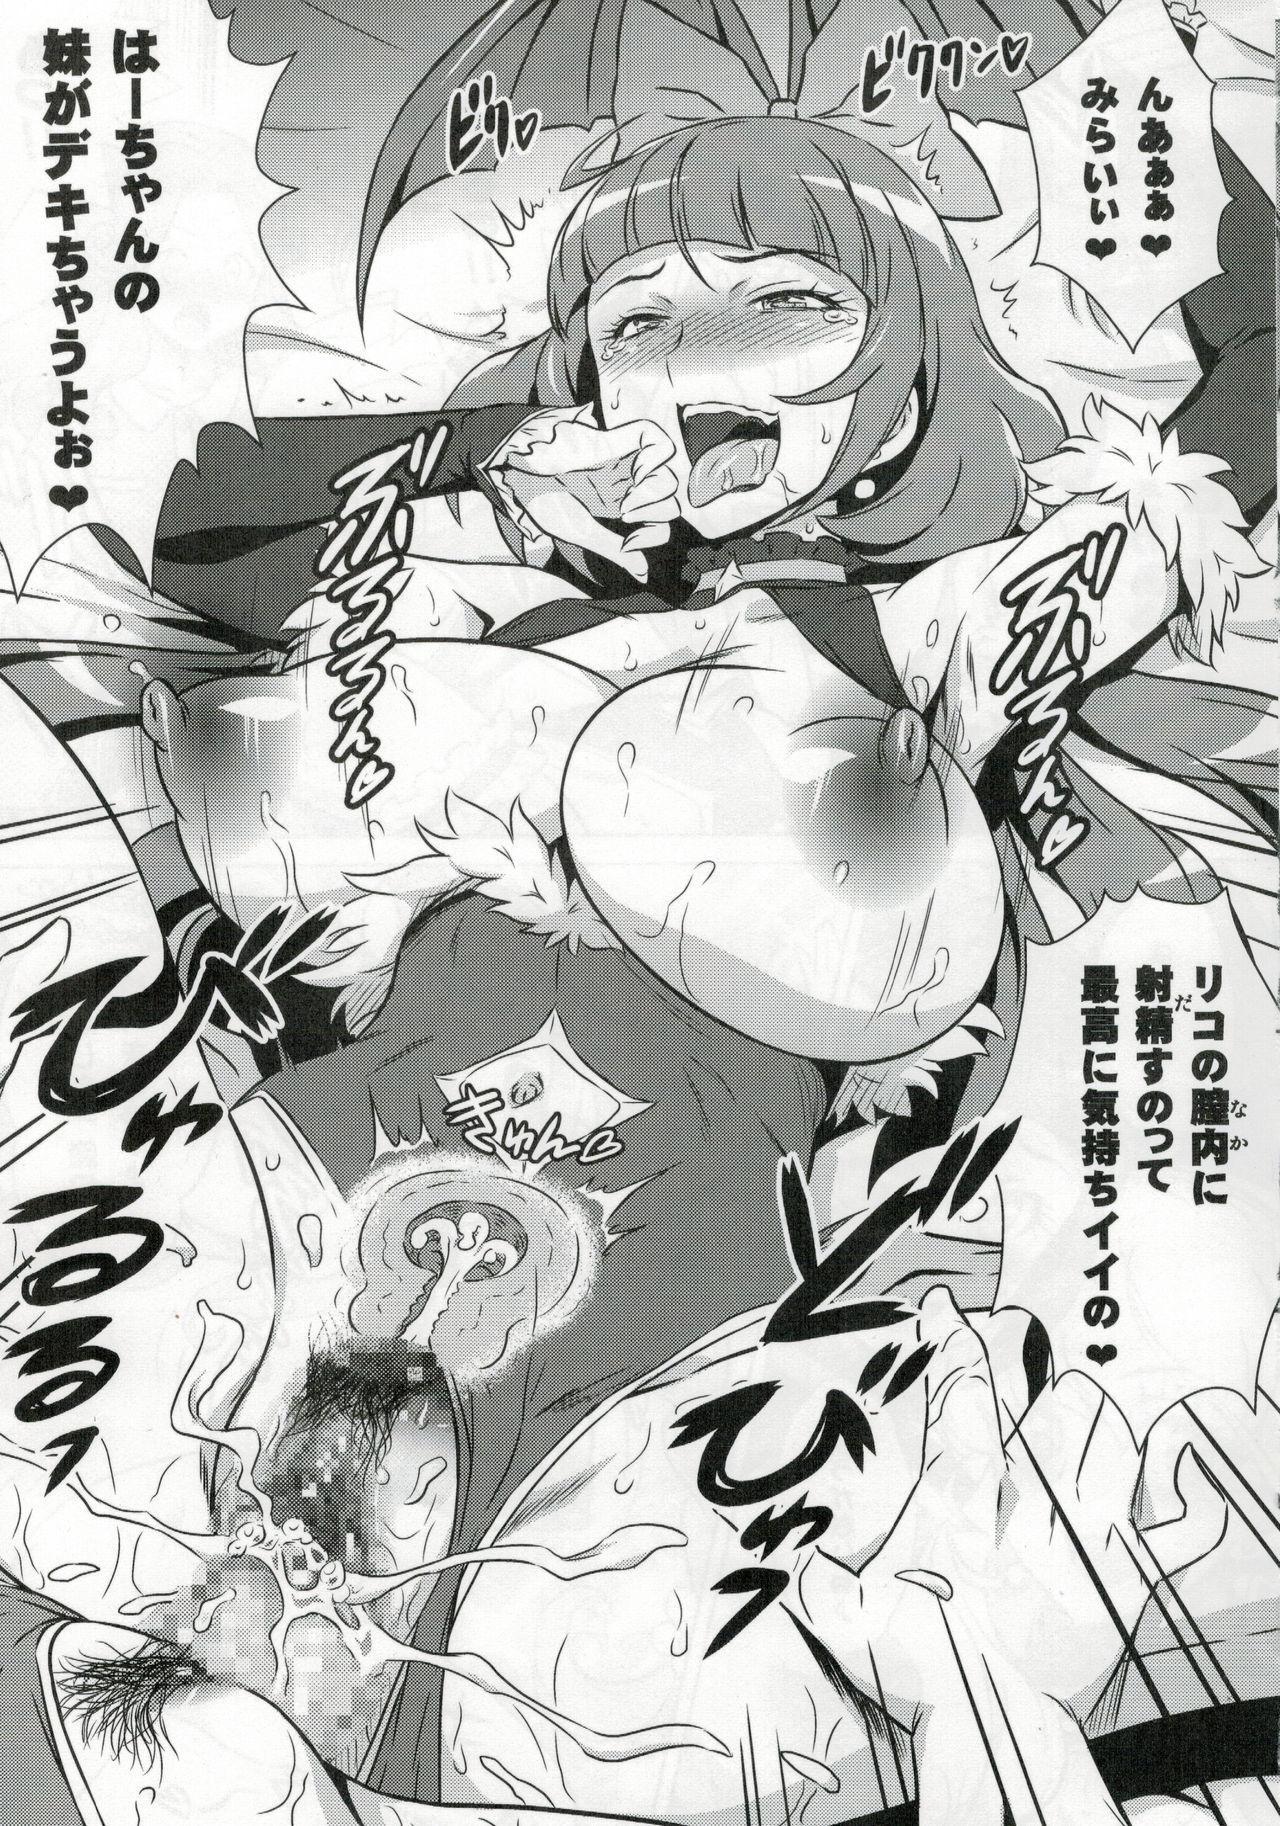 Yorokobi no Kuni Vol. 28 Futari no Seiki Futanari Mahou 11